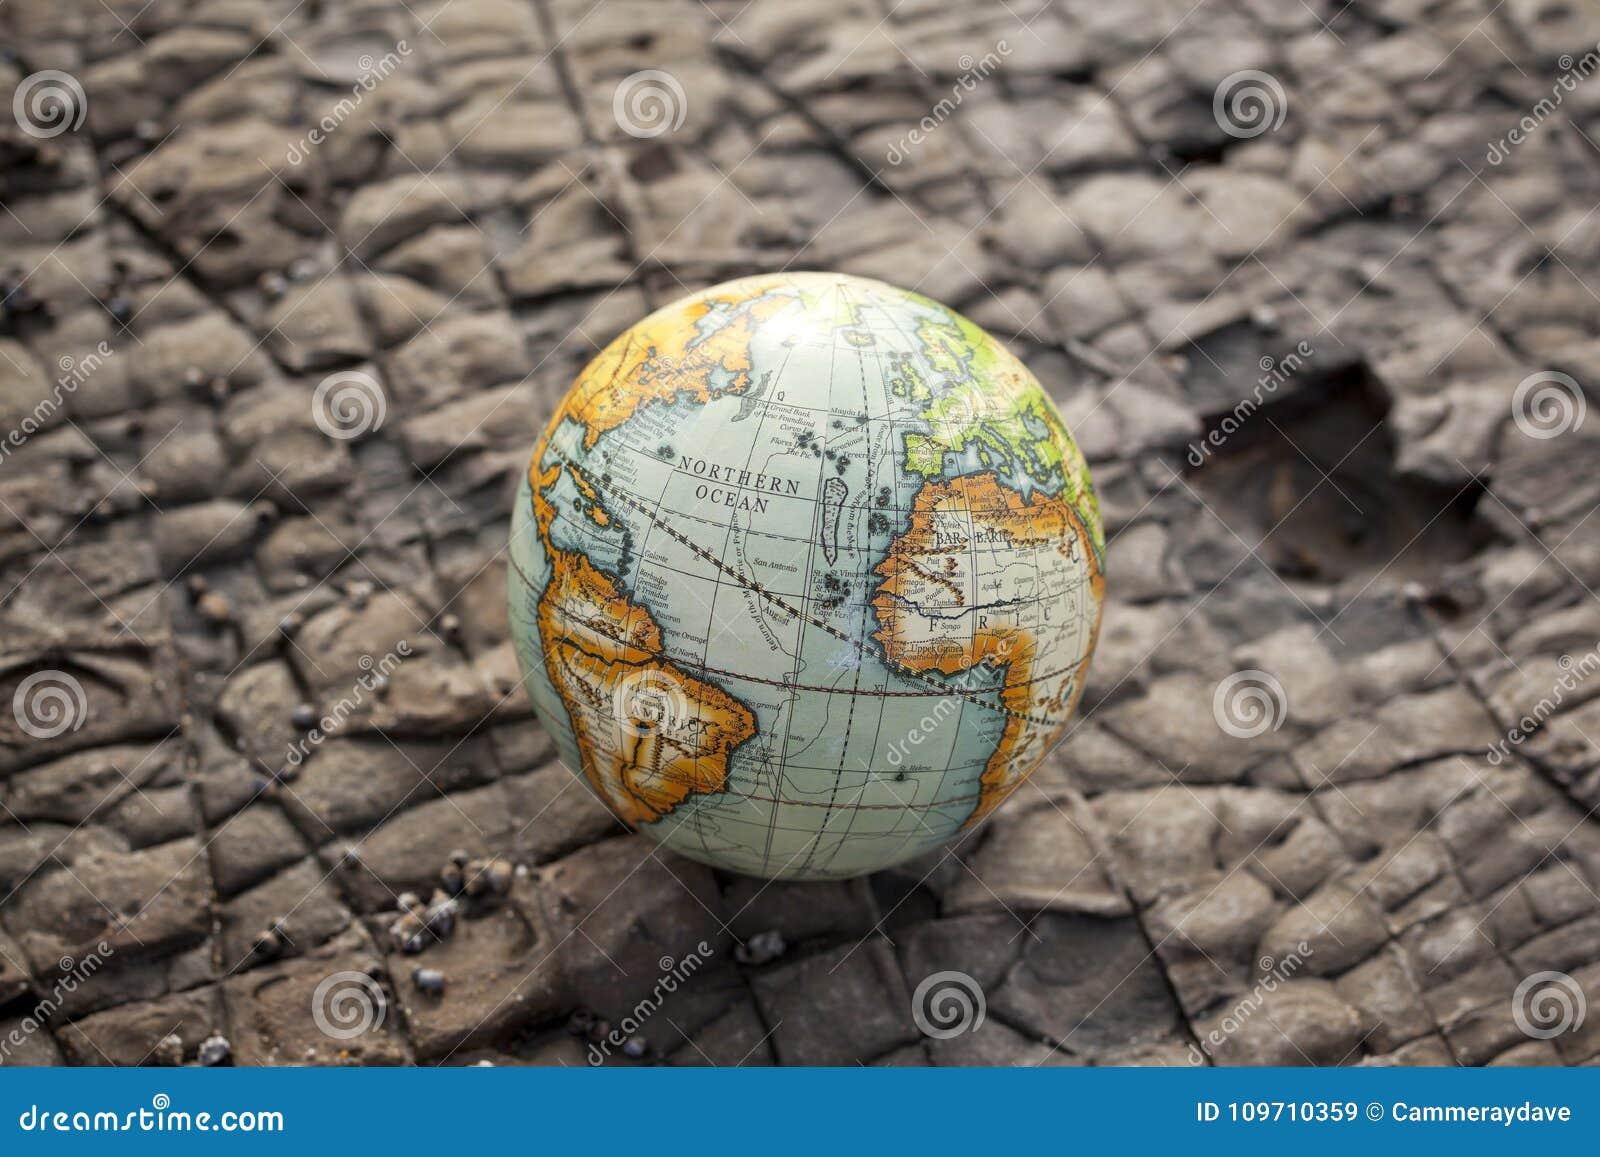 World globe stone background stock image image of object strategy world globe stone background stock image image of object strategy 109710359 gumiabroncs Gallery